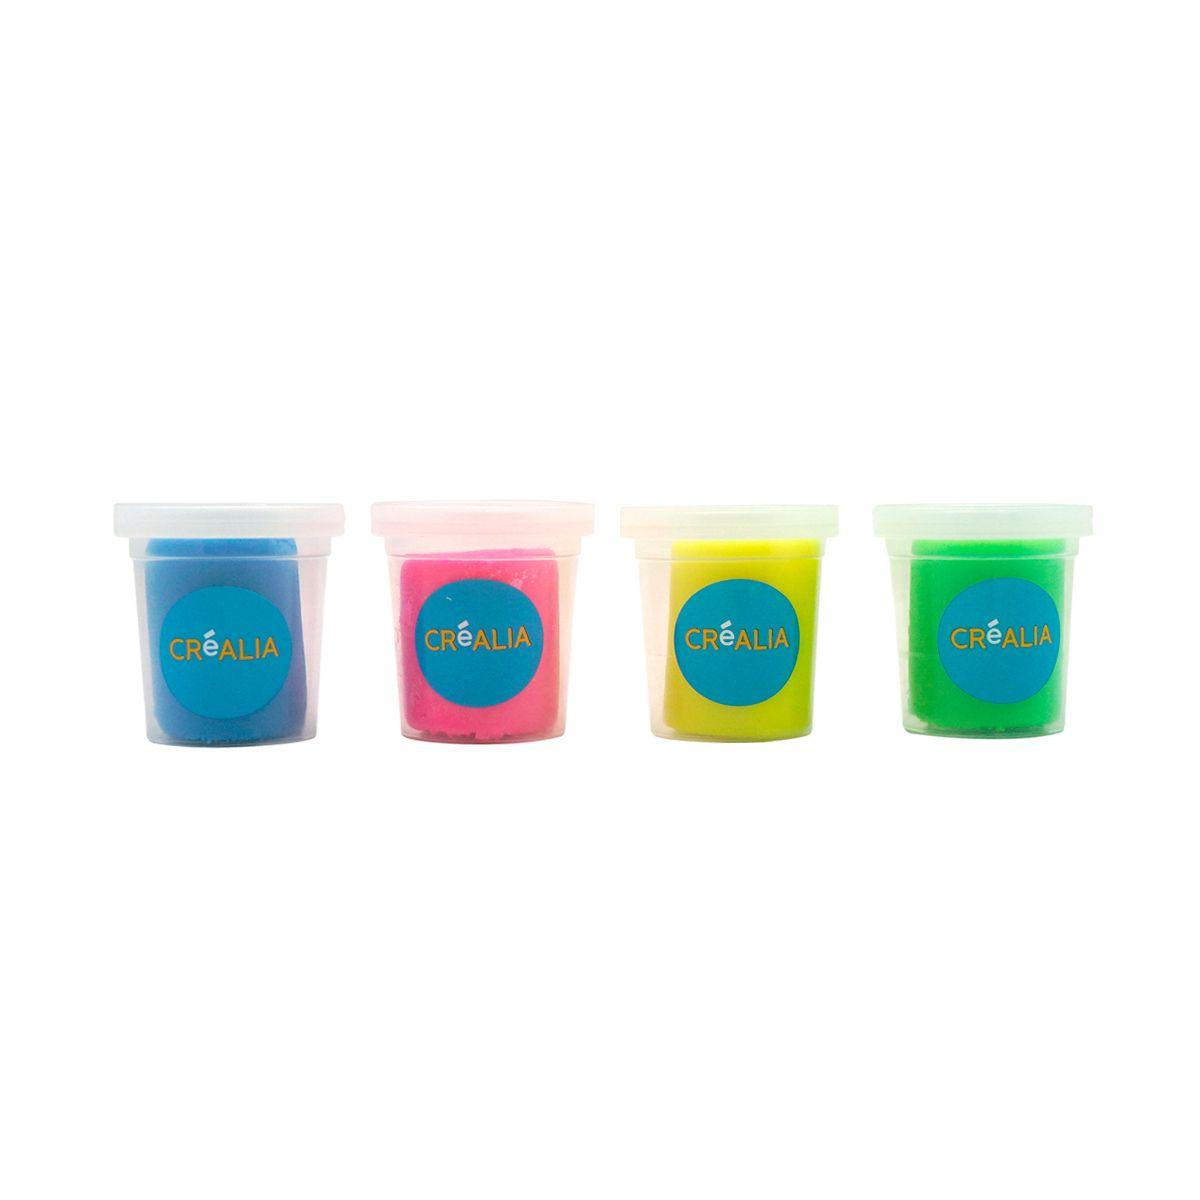 Set de 4 pots de pâte à modeler couleurs fluorescentes - Créalia